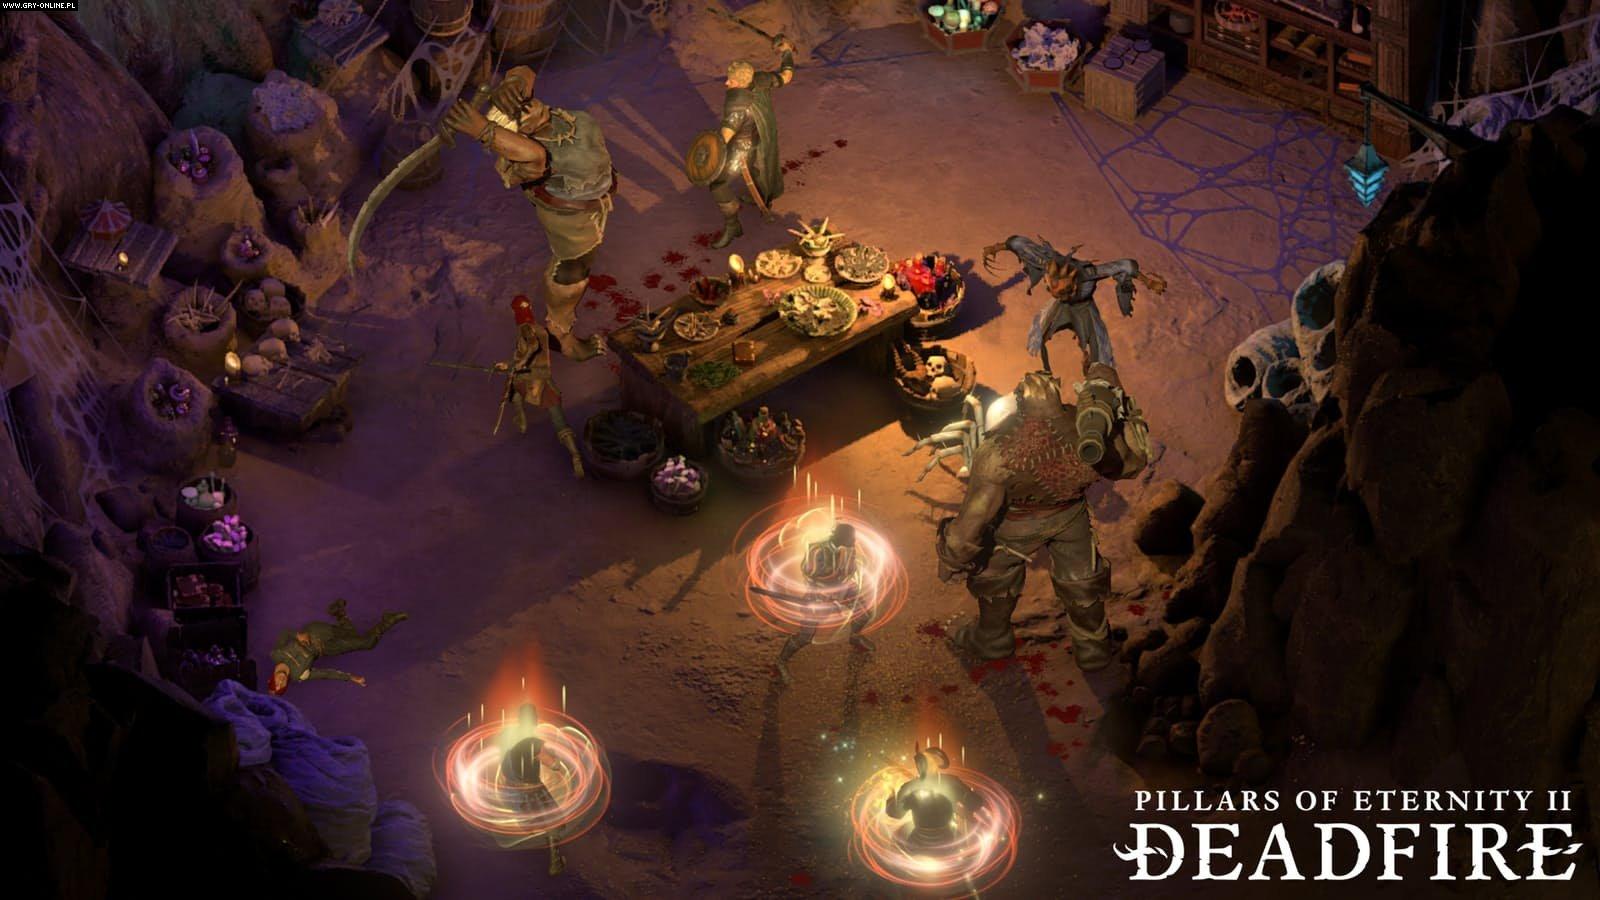 pillars deadfire 2